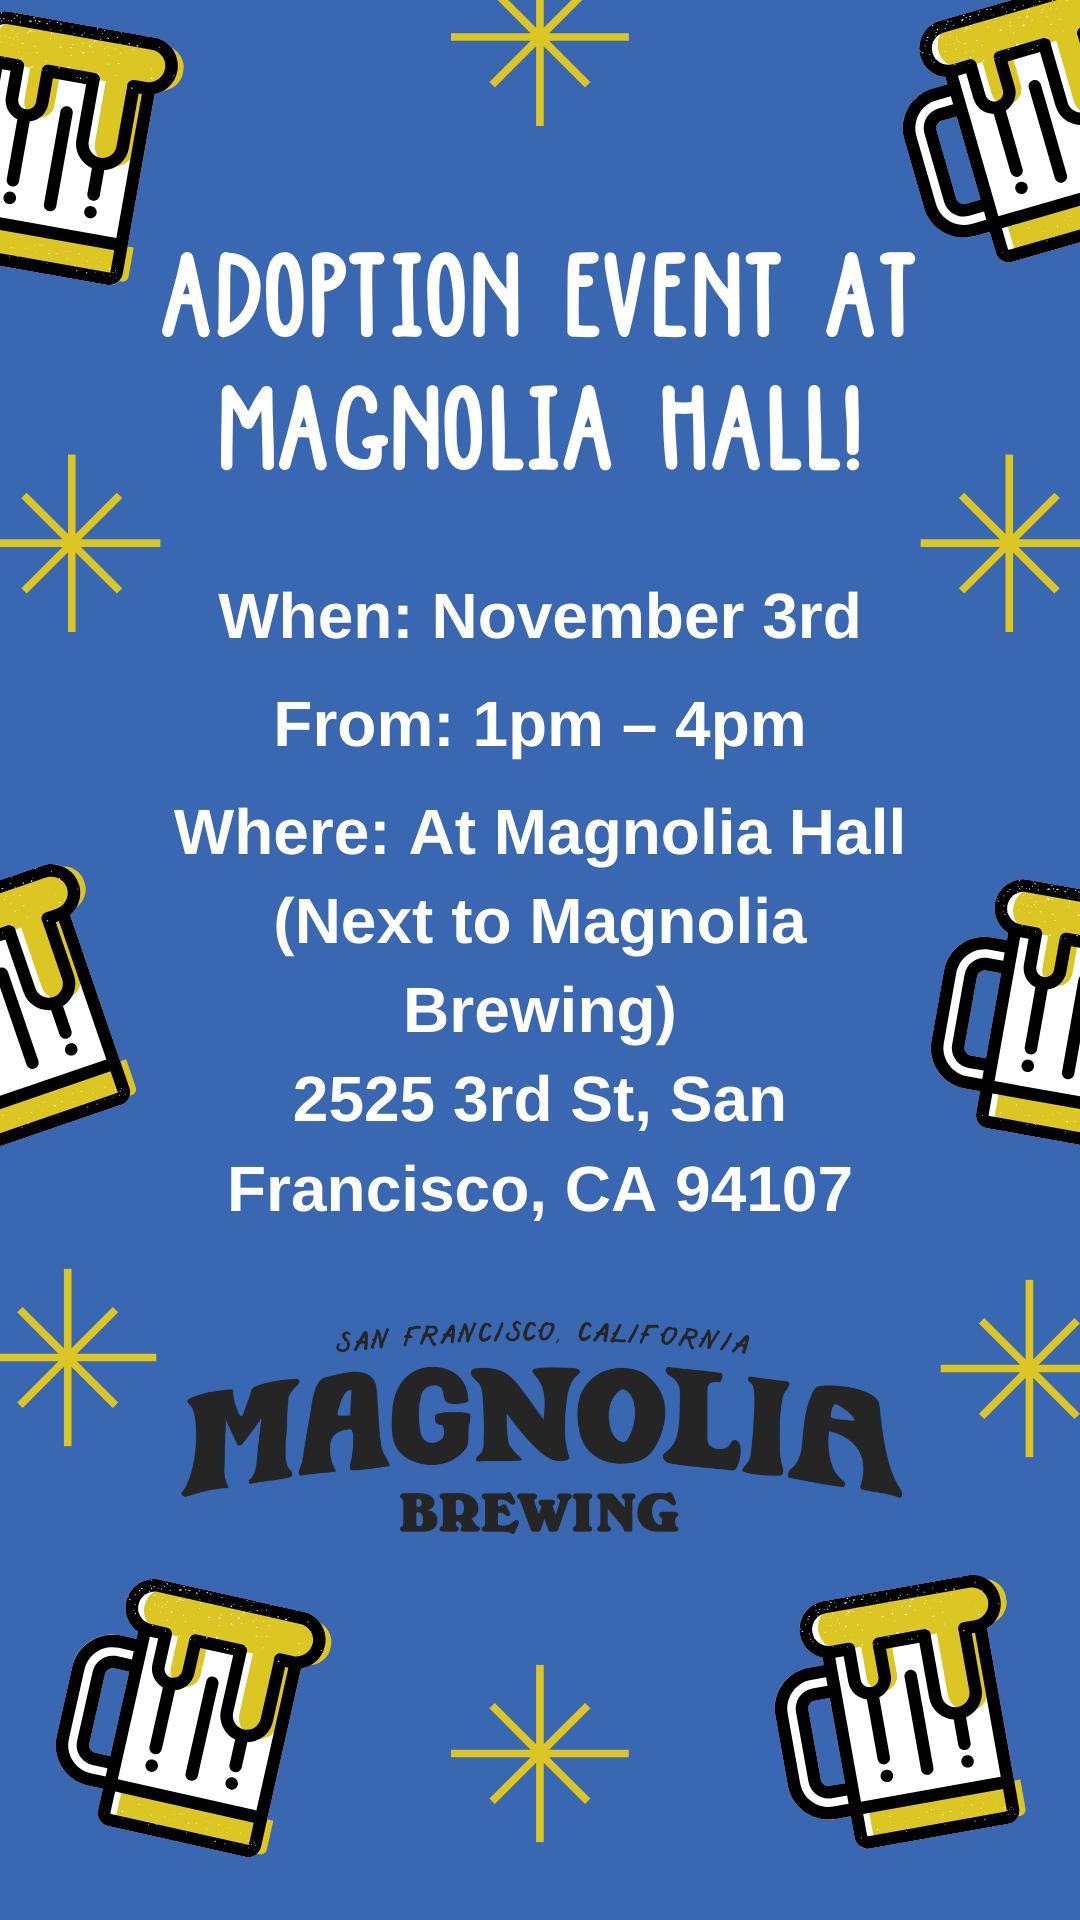 Magnolia Brewing Adoption Event @ Magnolia Hall